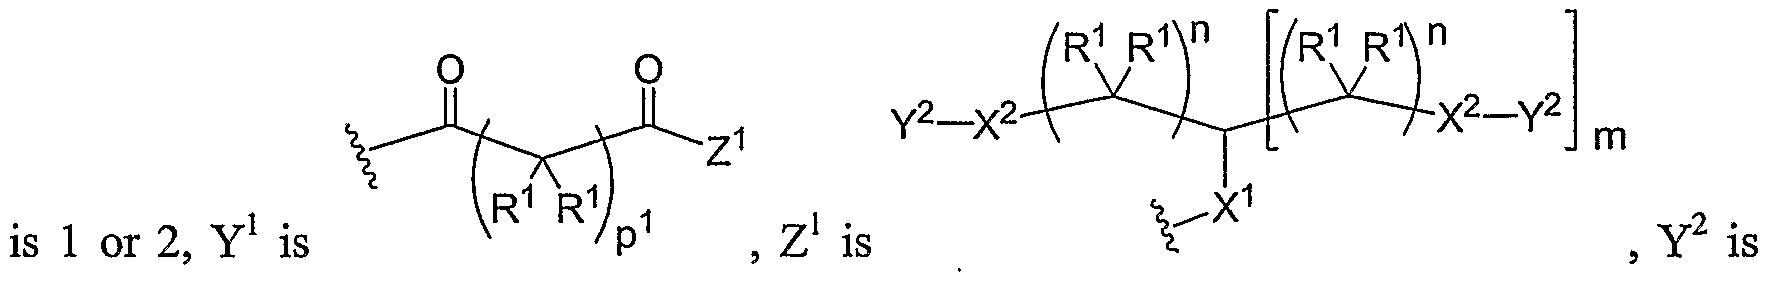 Figure imgf000157_0004